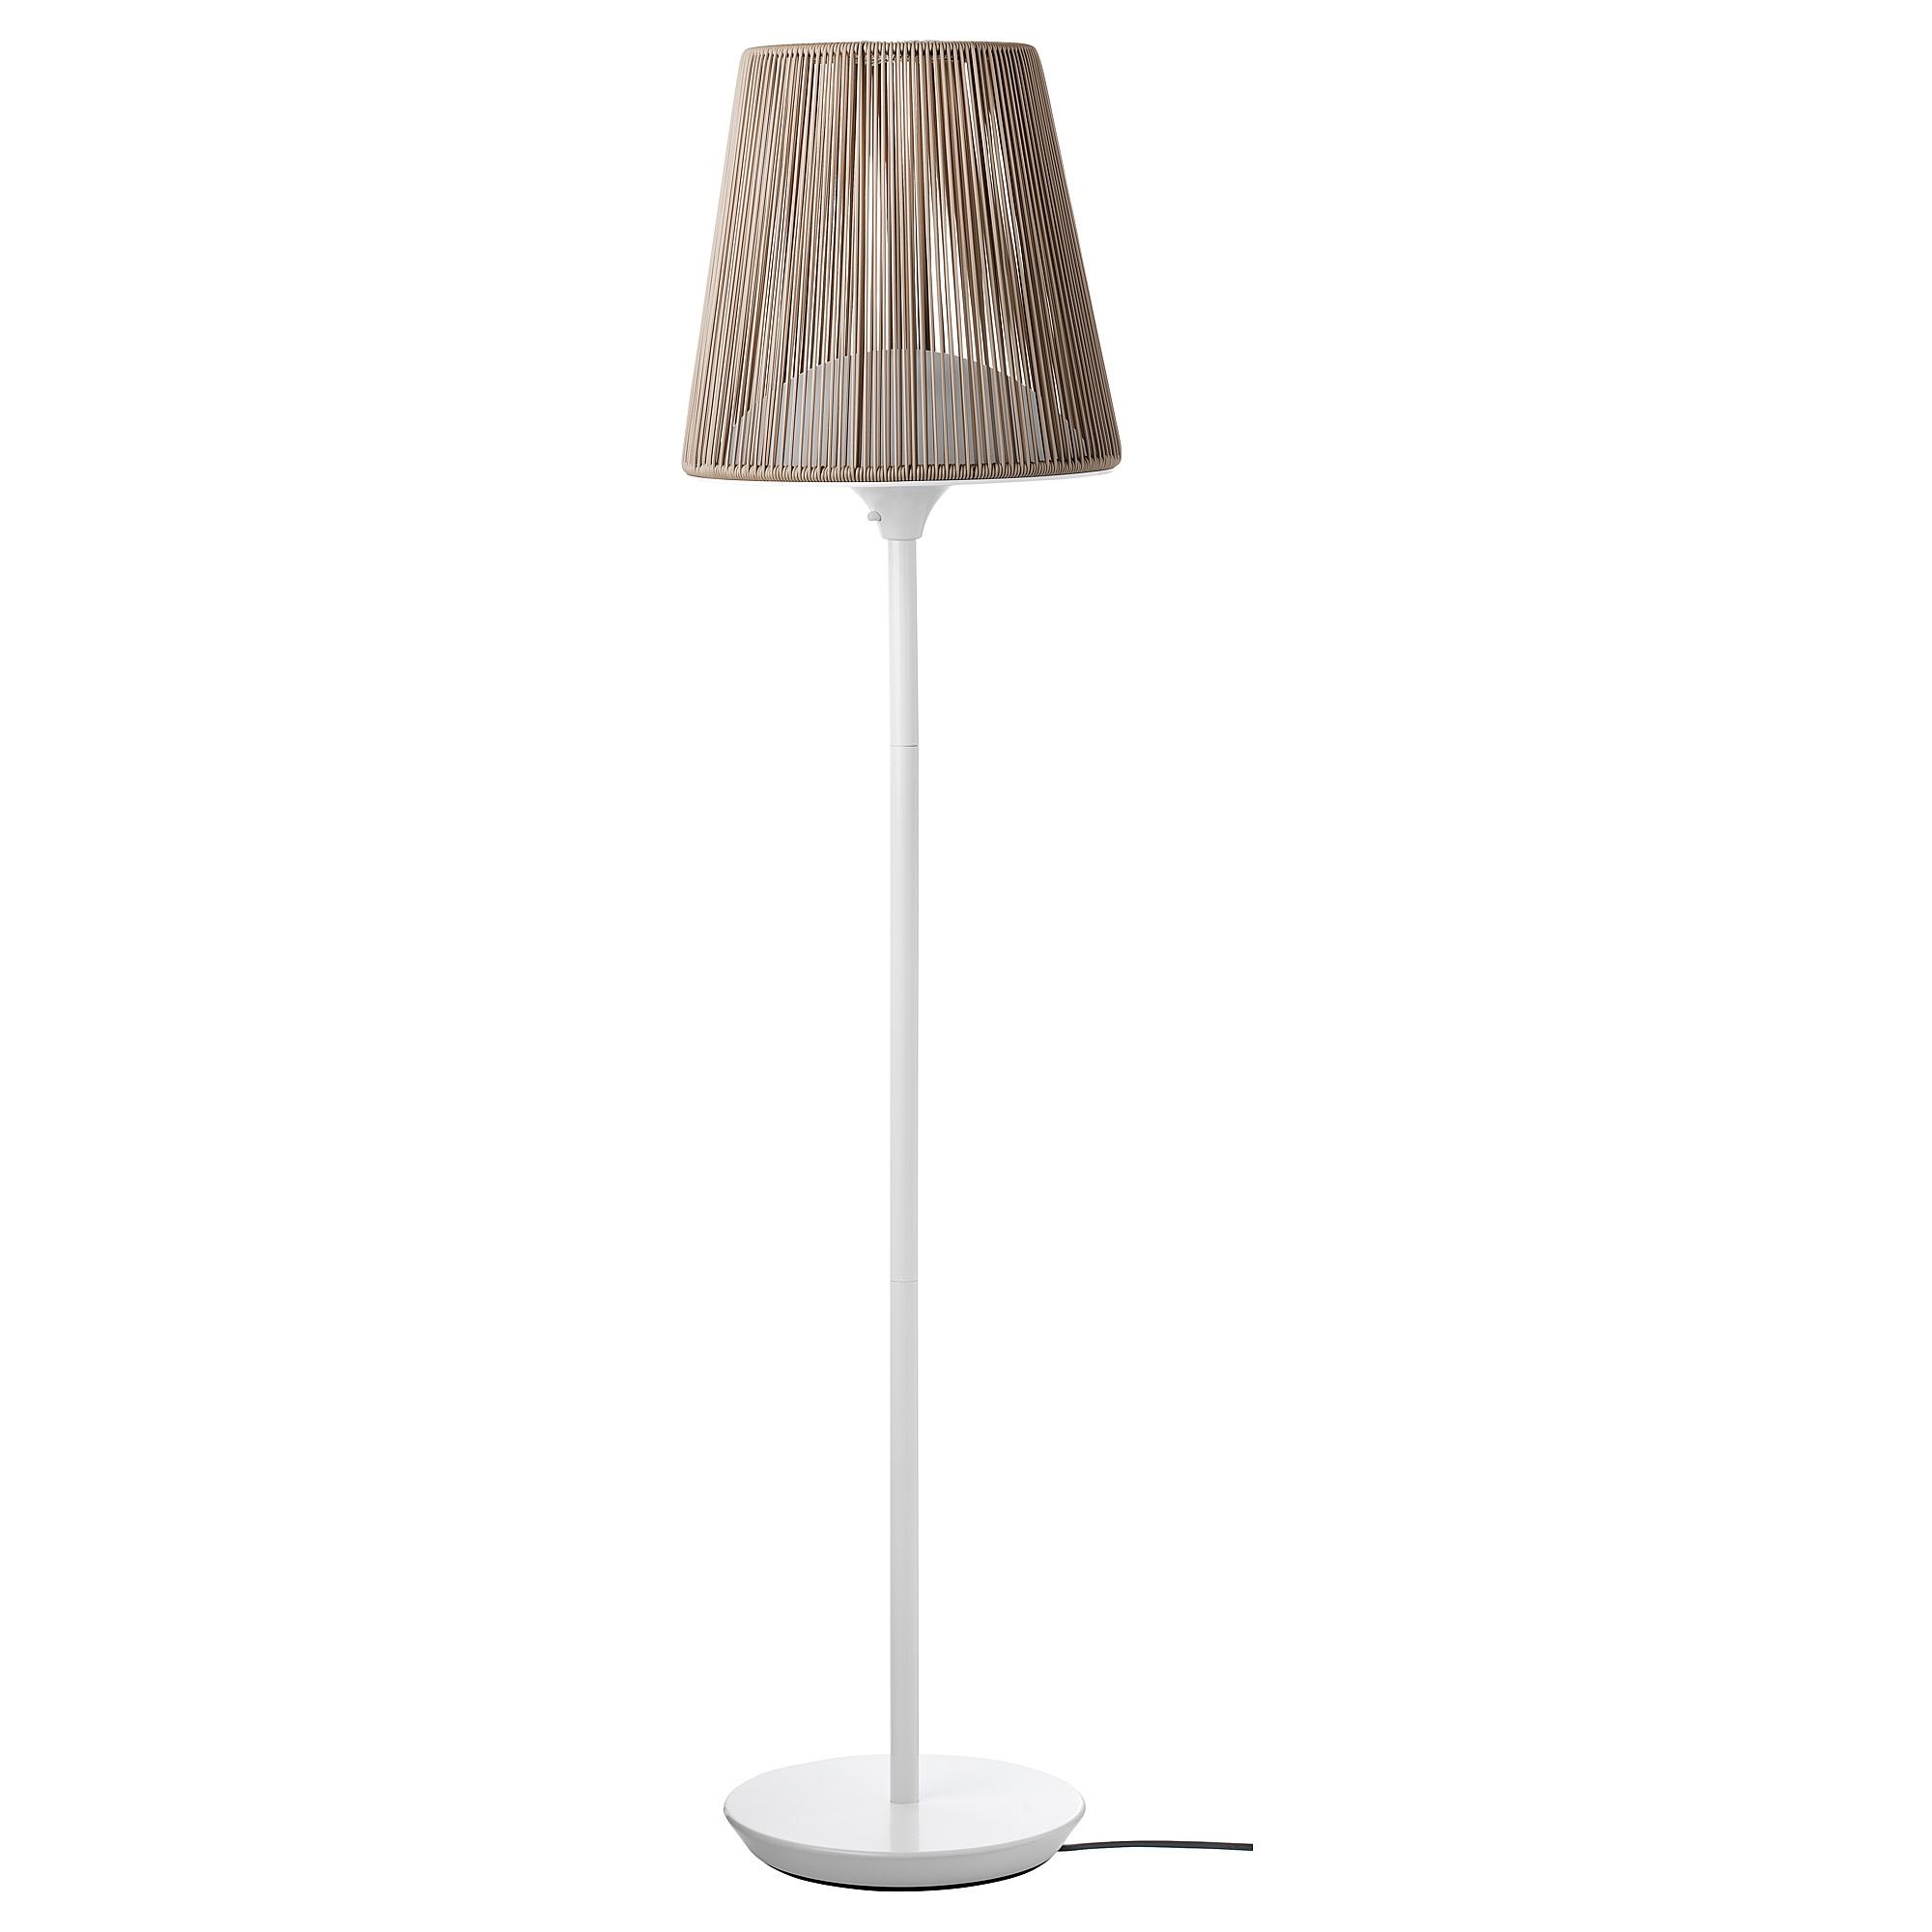 3b05304788 MULLBACKA lámpara de pie